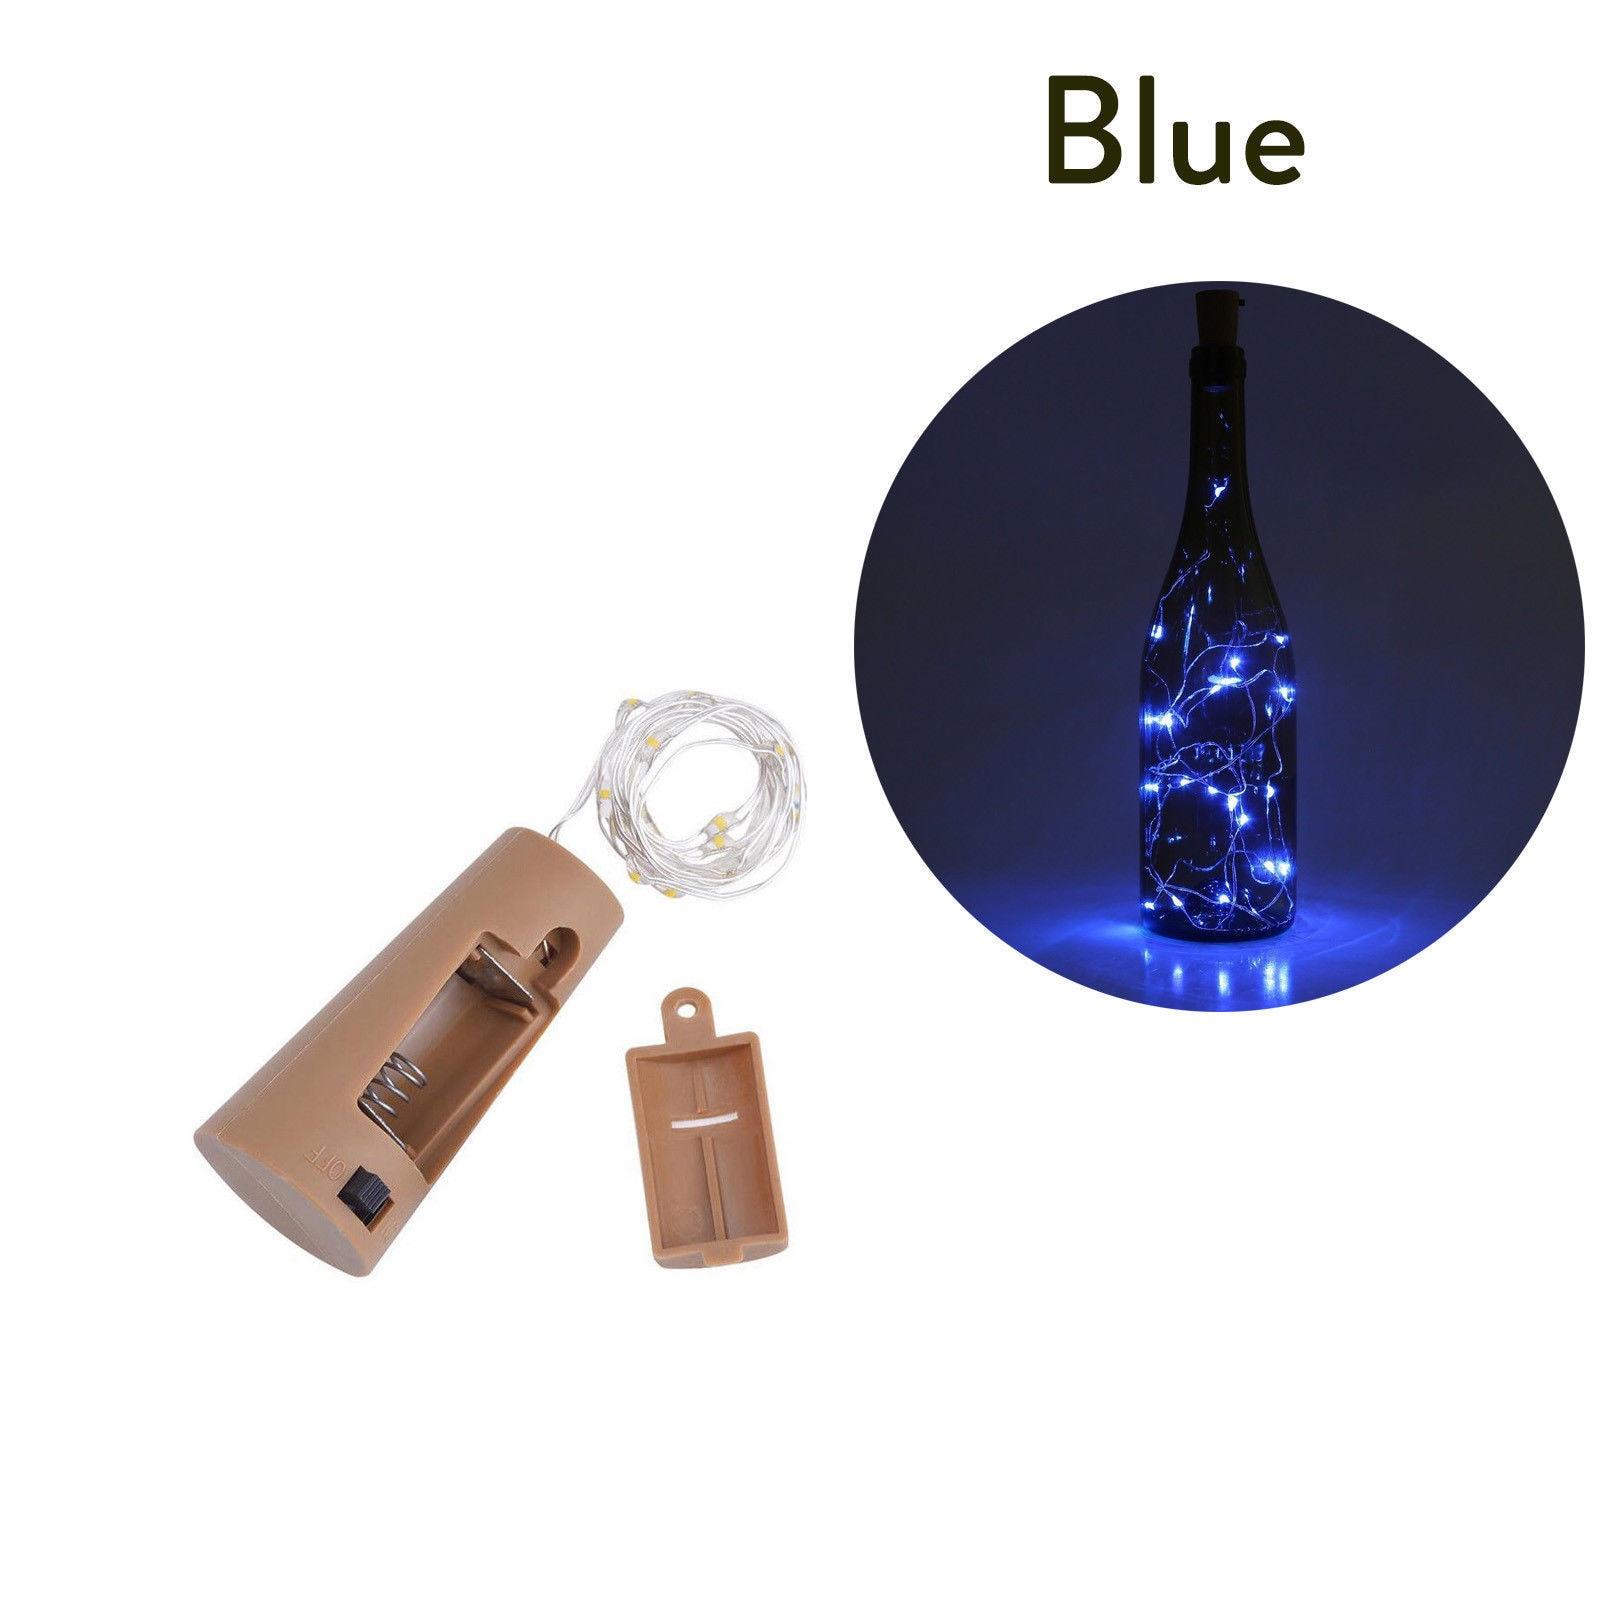 10 20 30 светодиодный s пробковый светодиодный светильник, медная проволока, праздничный уличный Сказочный светильник s для рождественской вечеринки, свадебного украшения - Испускаемый цвет: Синий